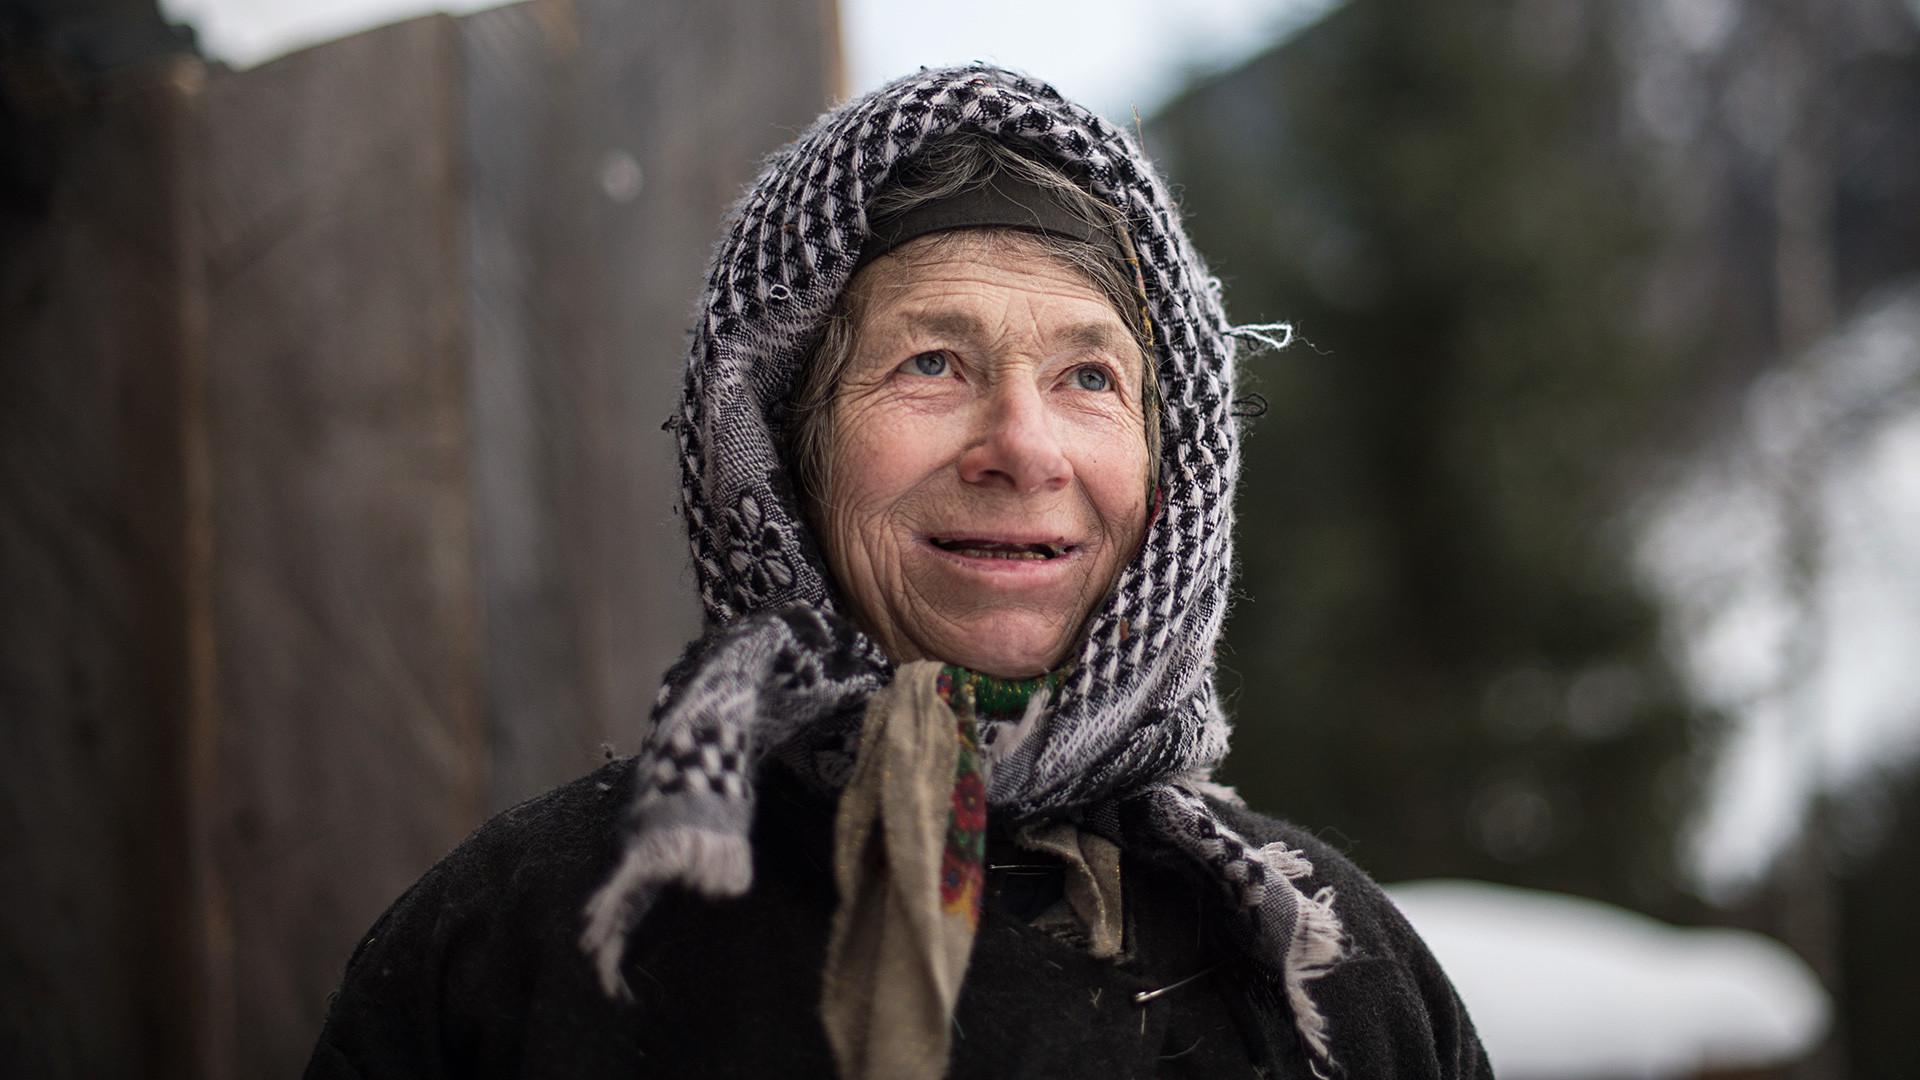 古儀式派の一家の隠者、アガフィア・ルイコフ。ルイコフ一家は1930年代末にサヤンのタイガへ行き、社会から分離したが、1978年、ソ連の地質学者に発見された。アガフィア・ルイコフは現在ルイコフ家の唯一の生き残ったメンバーだ。2018 年。